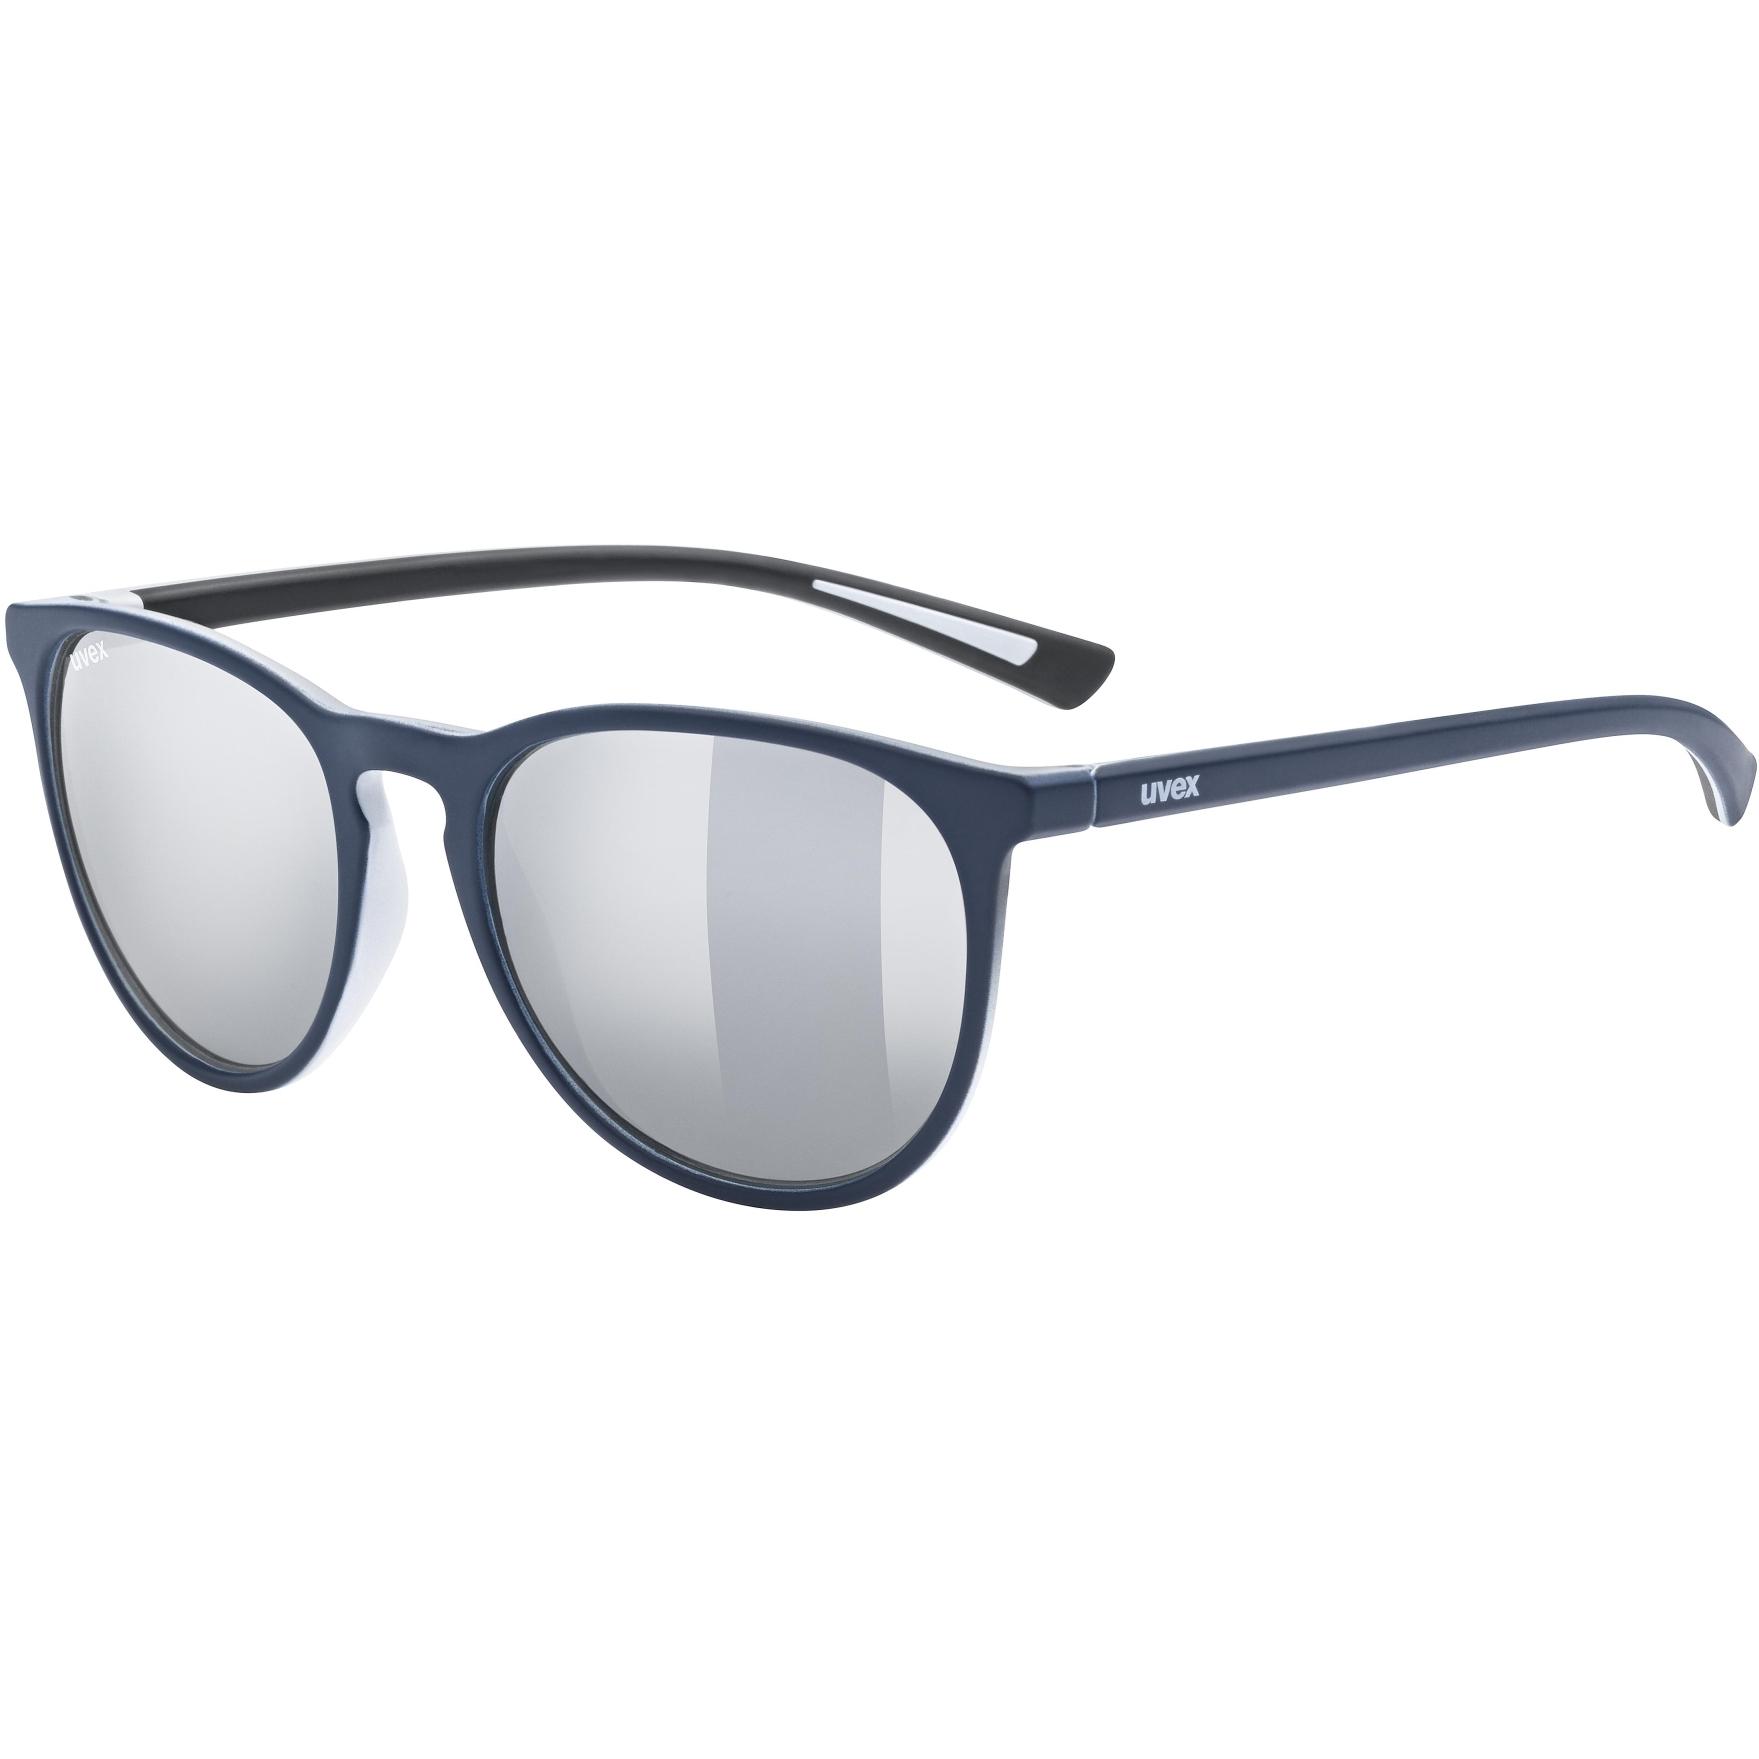 Uvex lgl 43 Brille - blue mat/litemirror silver